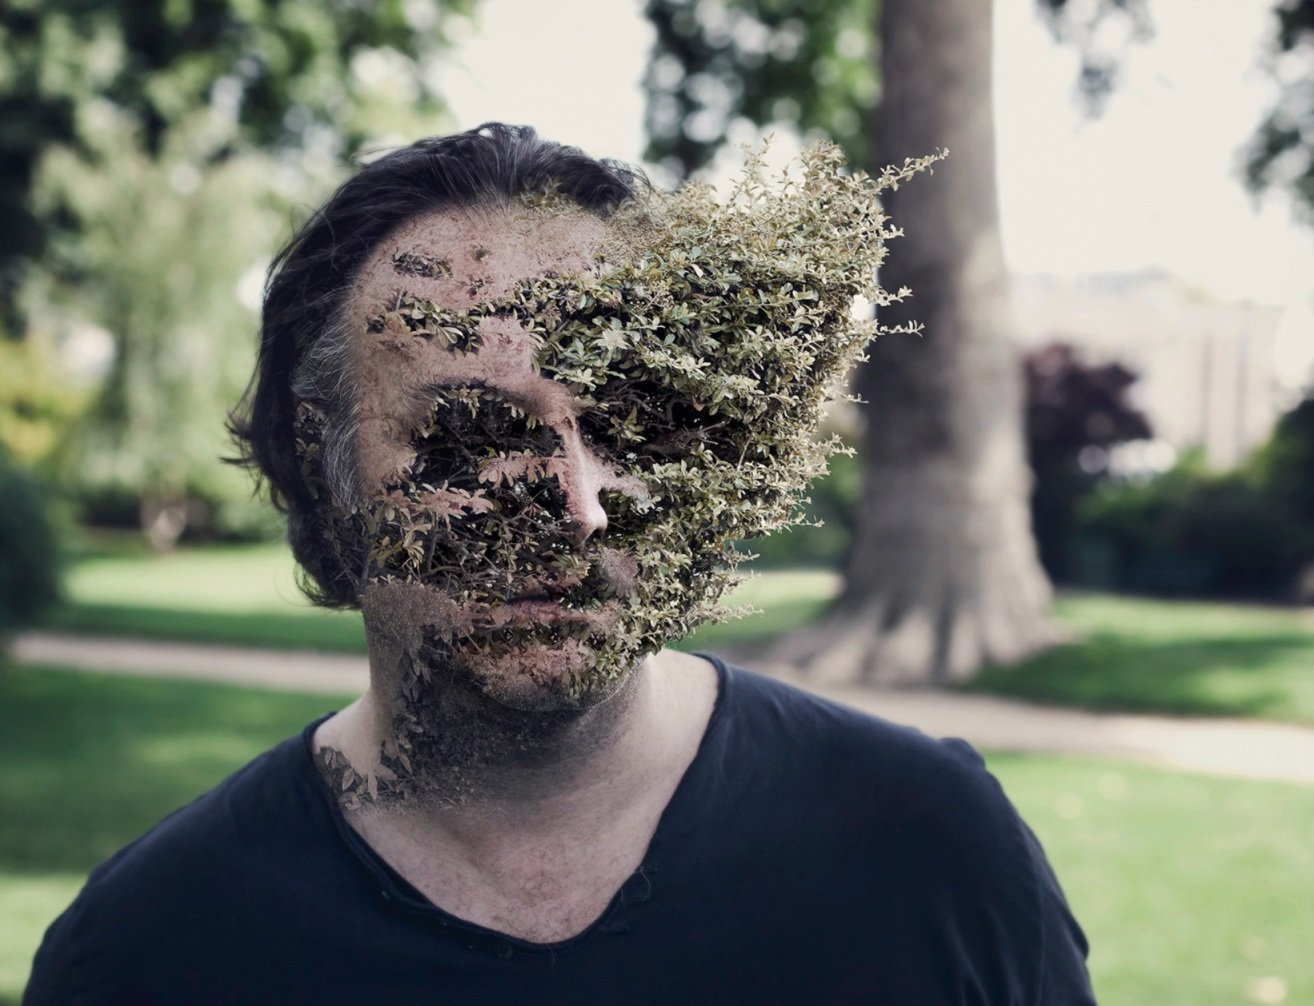 картинки человека с растениями новые